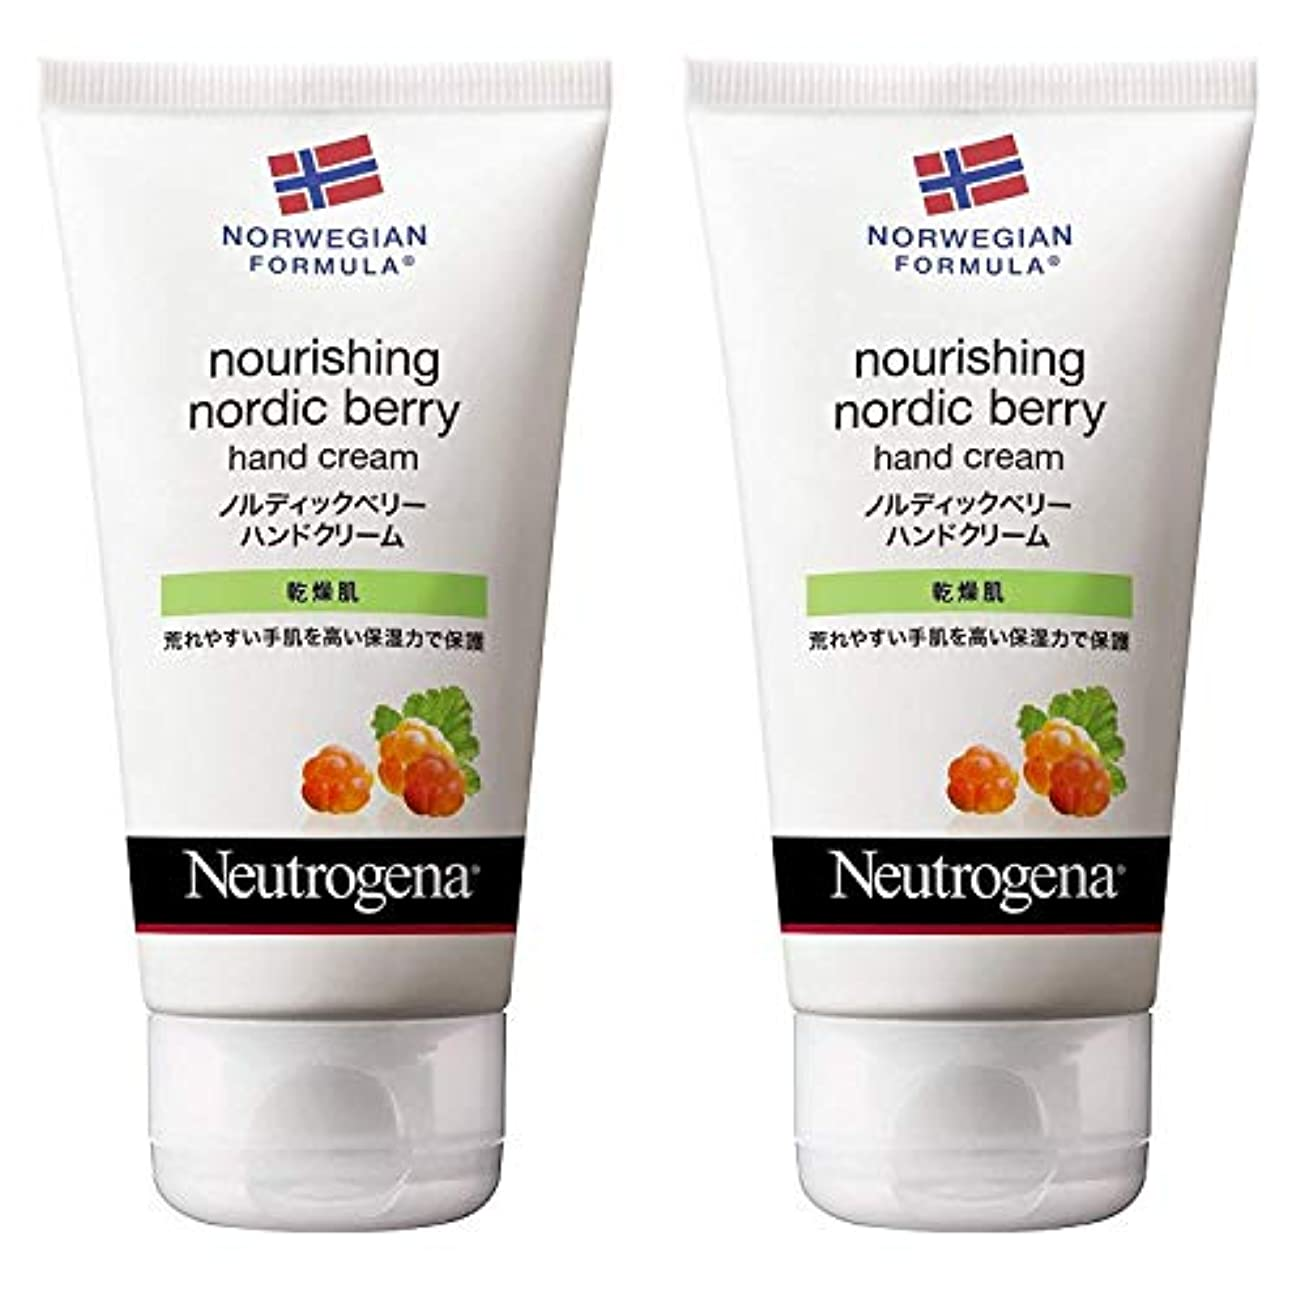 モロニック努力する望まない[2個セット]Neutrogena(ニュートロジーナ)ノルウェーフォーミュラ ノルディックベリー ハンドクリーム 75g